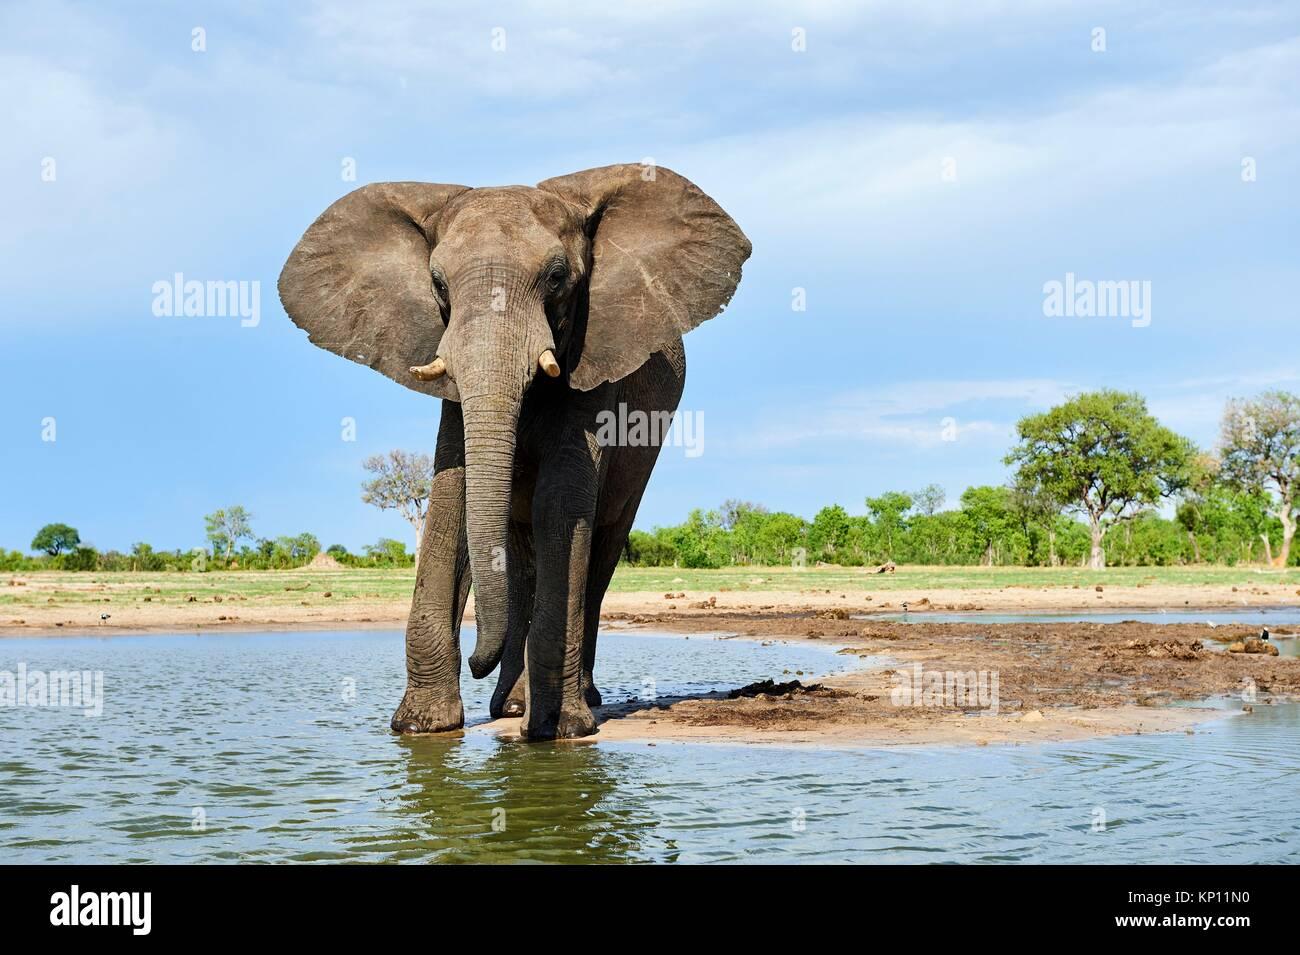 African elephant (Loxodonta africana) drinking at a watehole. Hwange National Park, Zimbabwe. - Stock Image